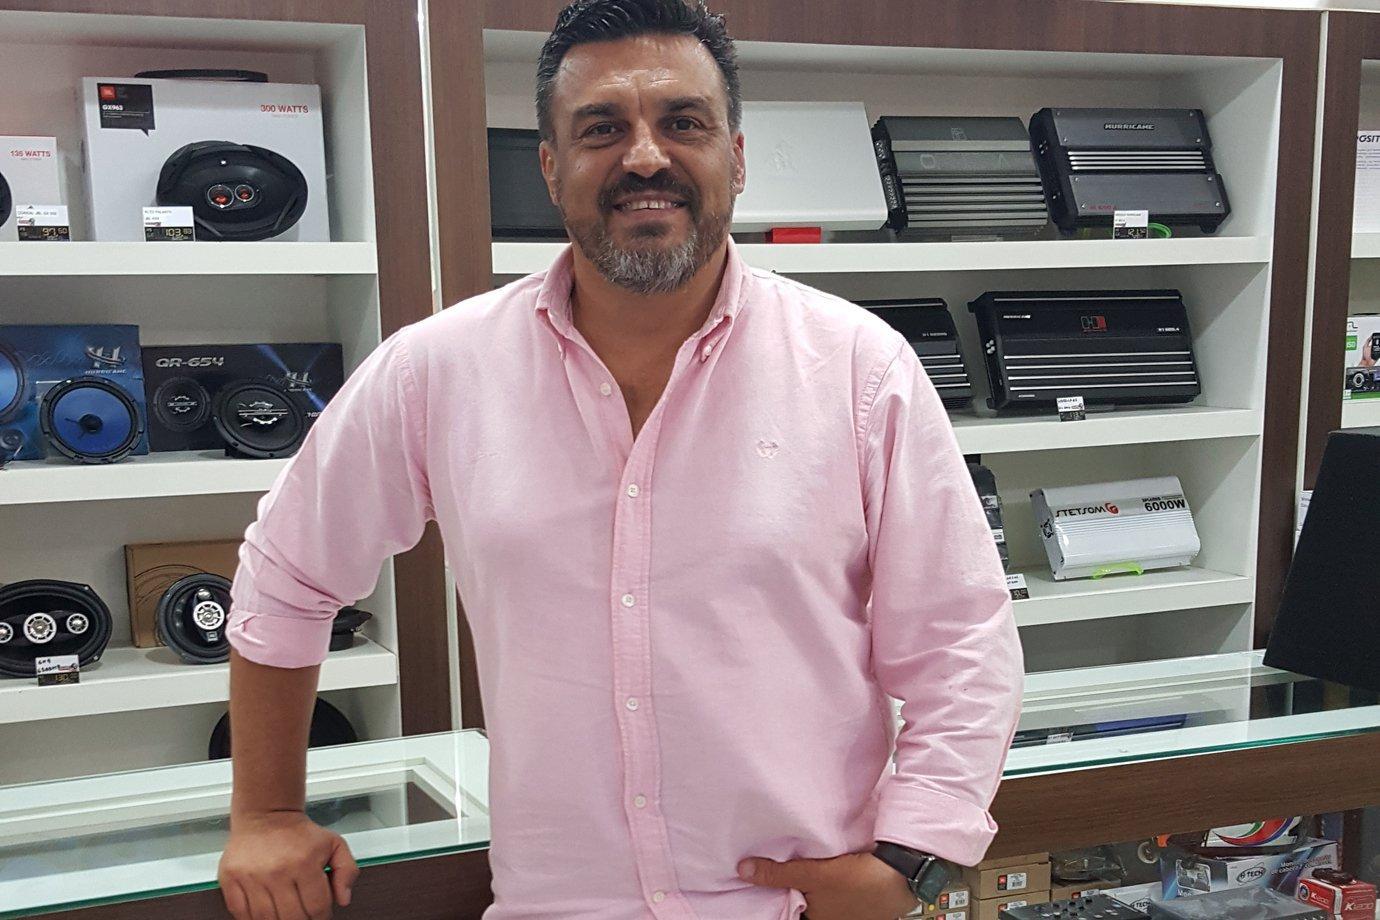 Ednilson Brandão, dono da loja QualitySP.com no Mercado Livre